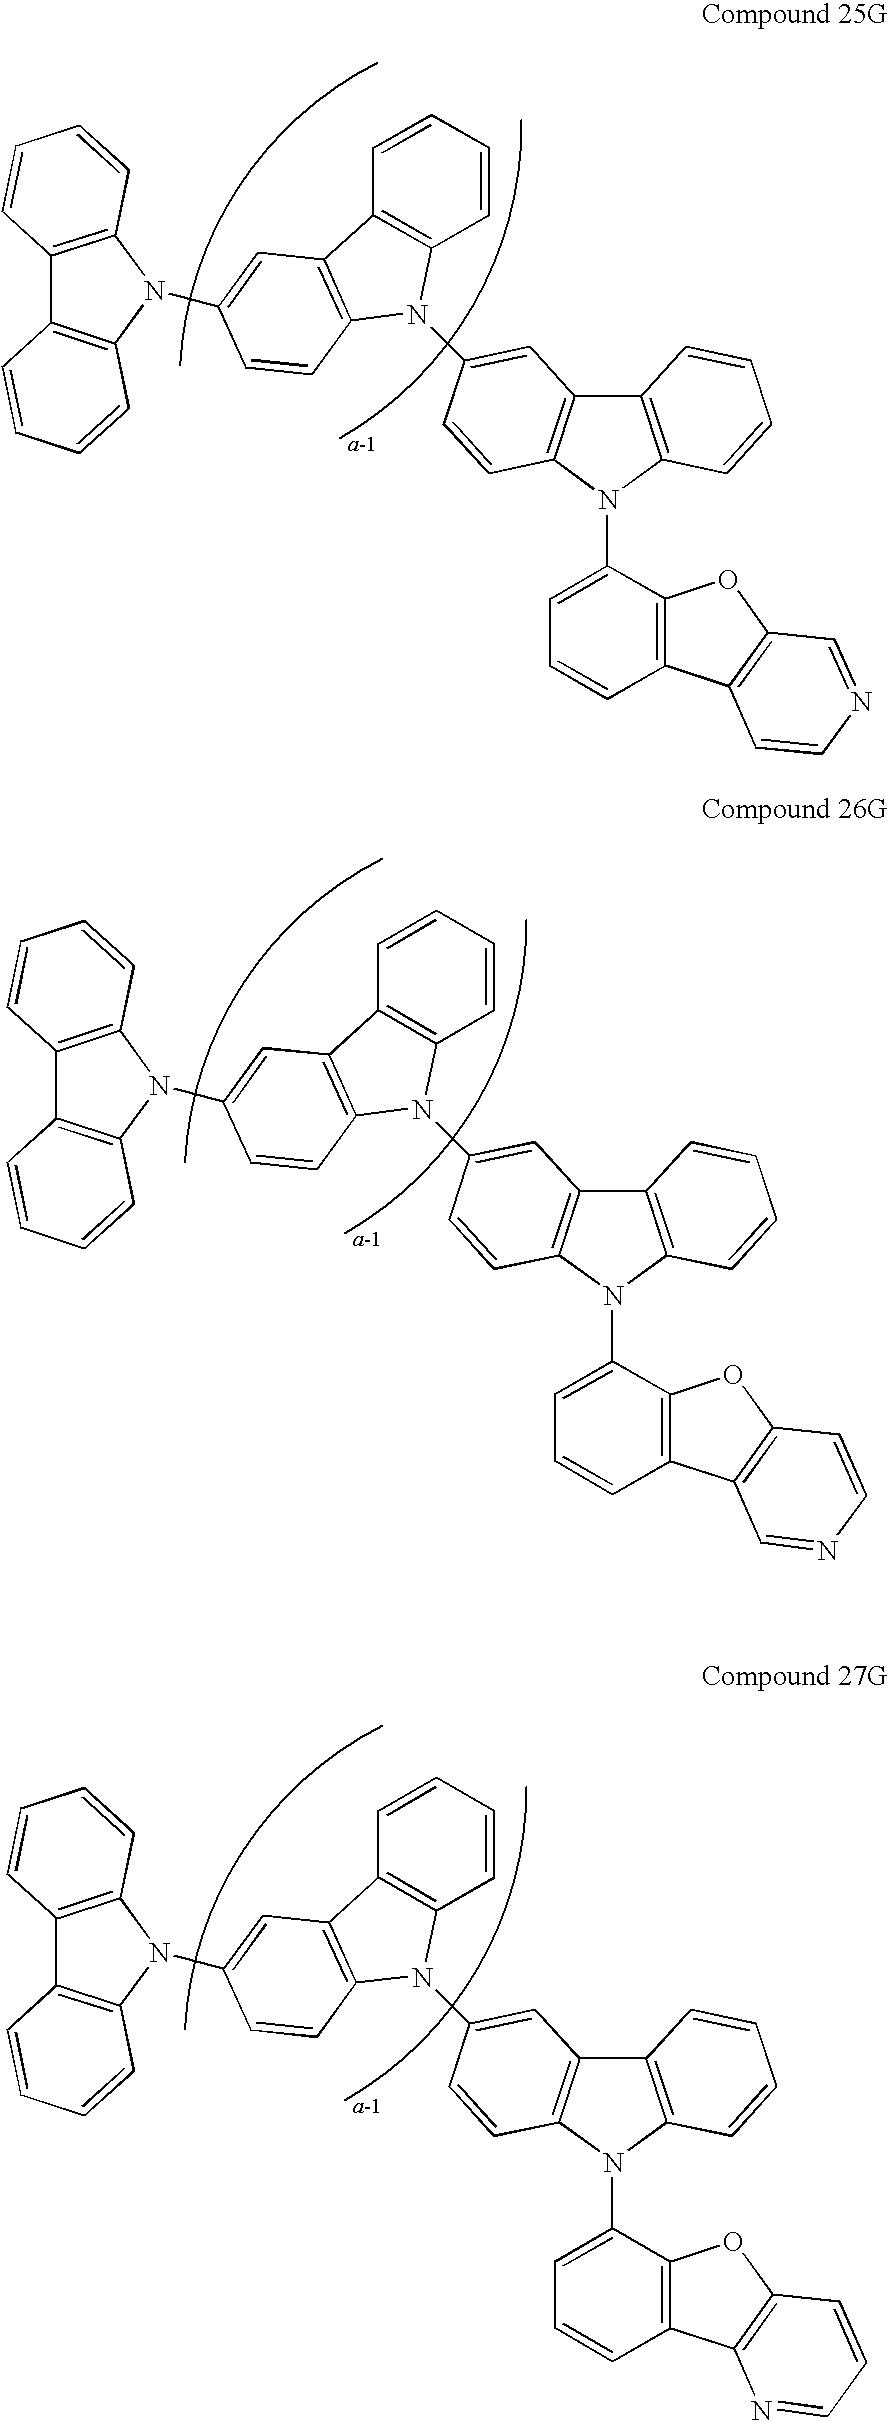 Figure US20090134784A1-20090528-C00012